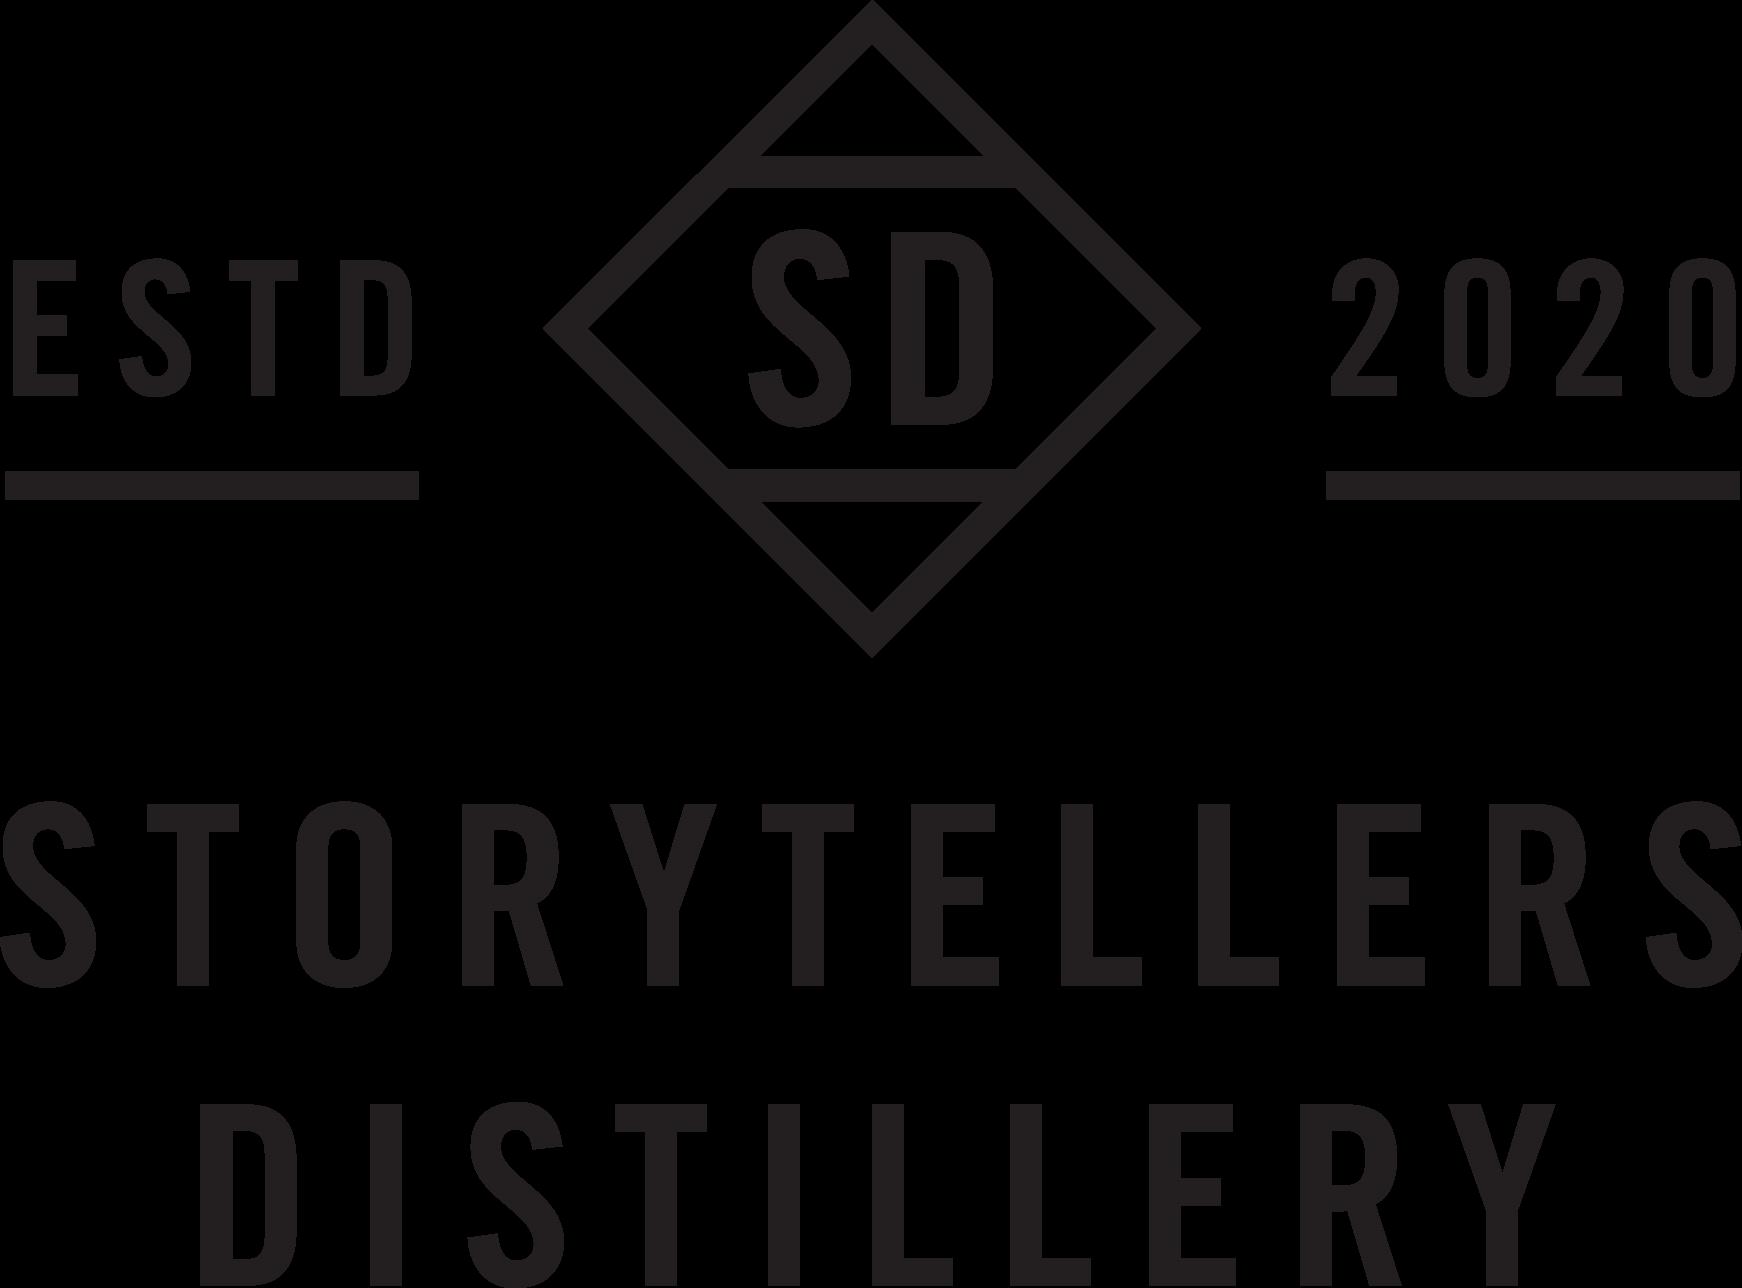 Storytellers Distillery